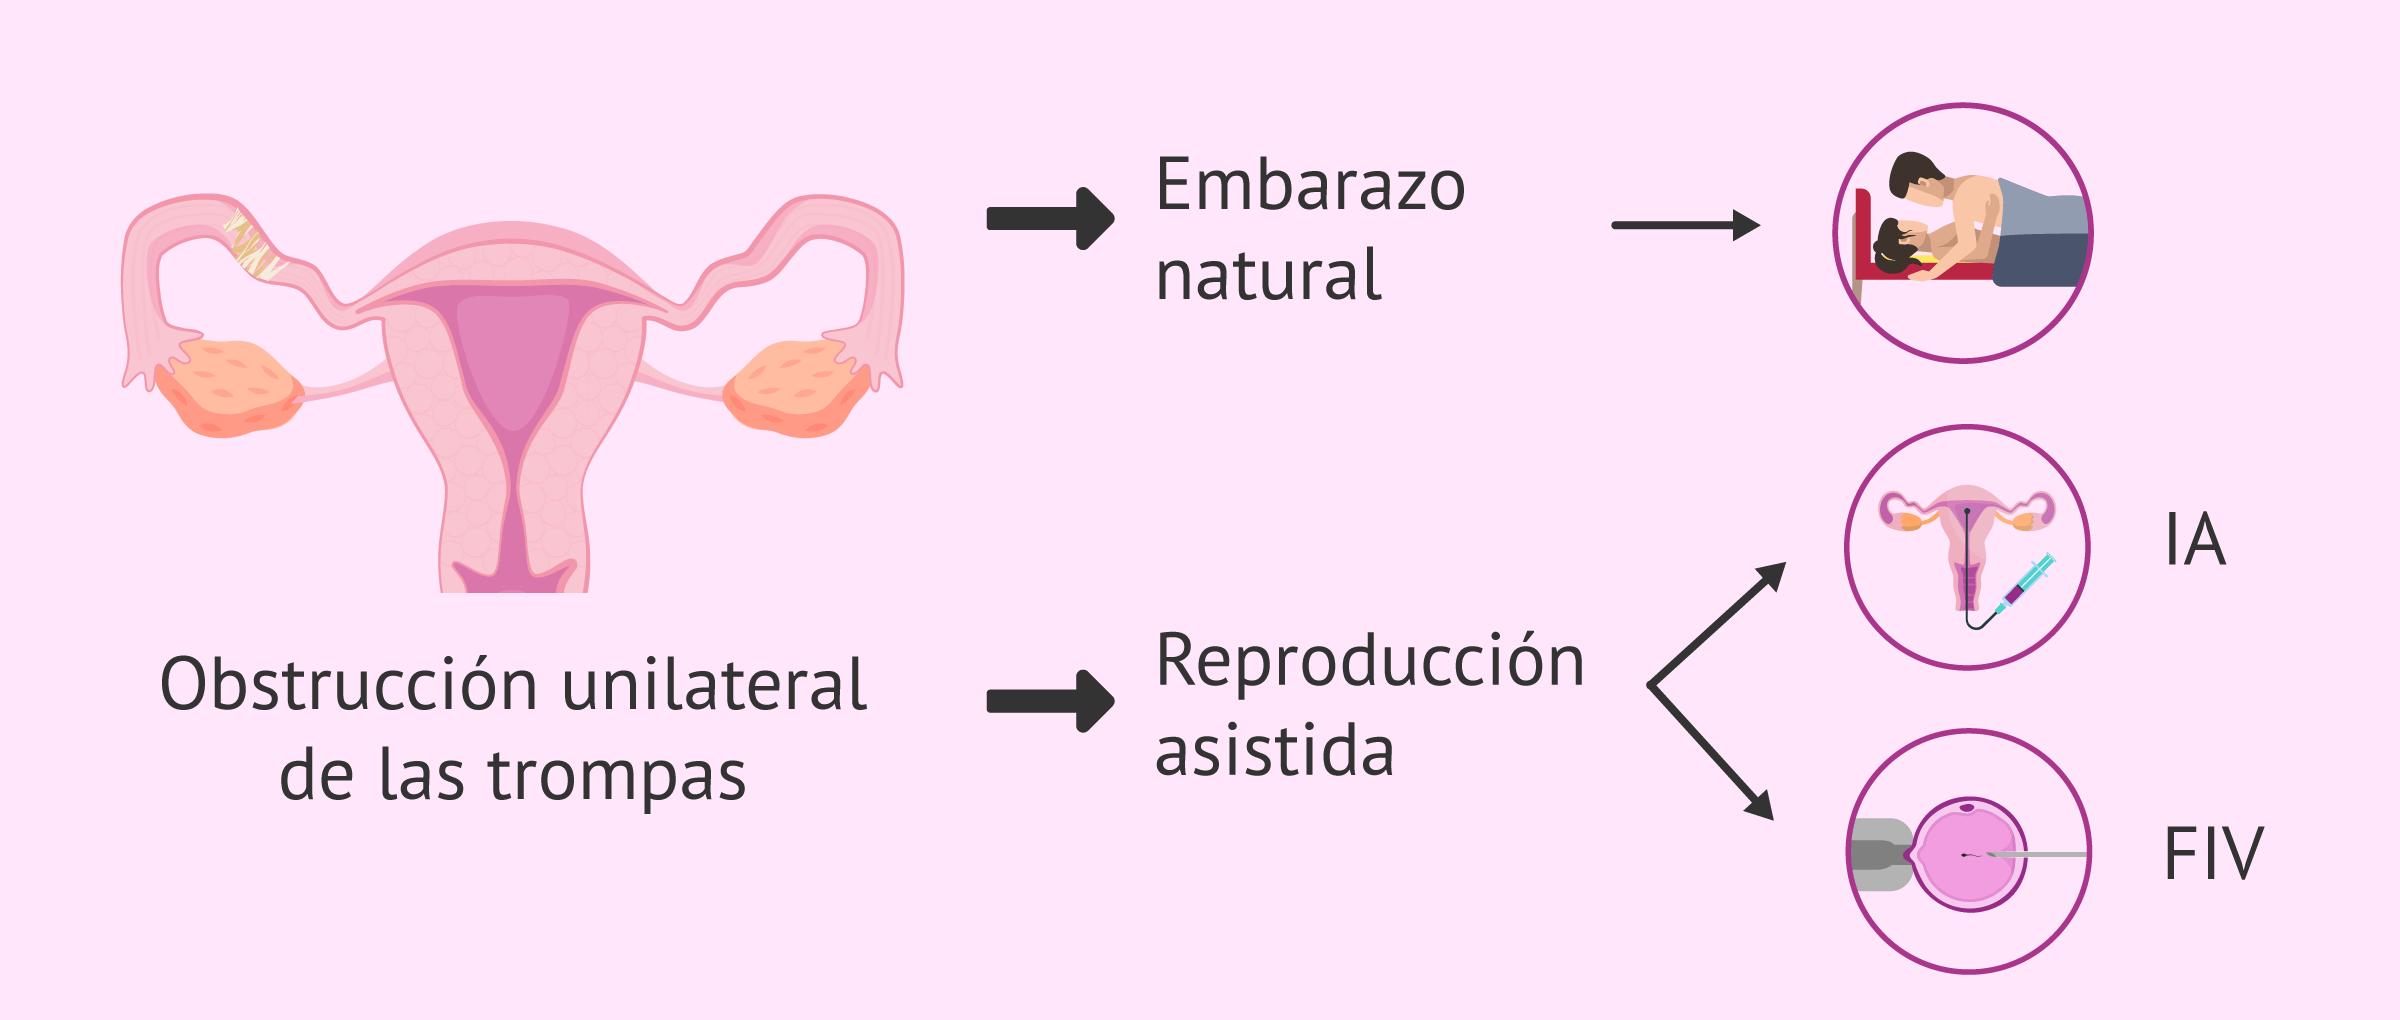 Embarazo con obstrucción tubárica unilateral